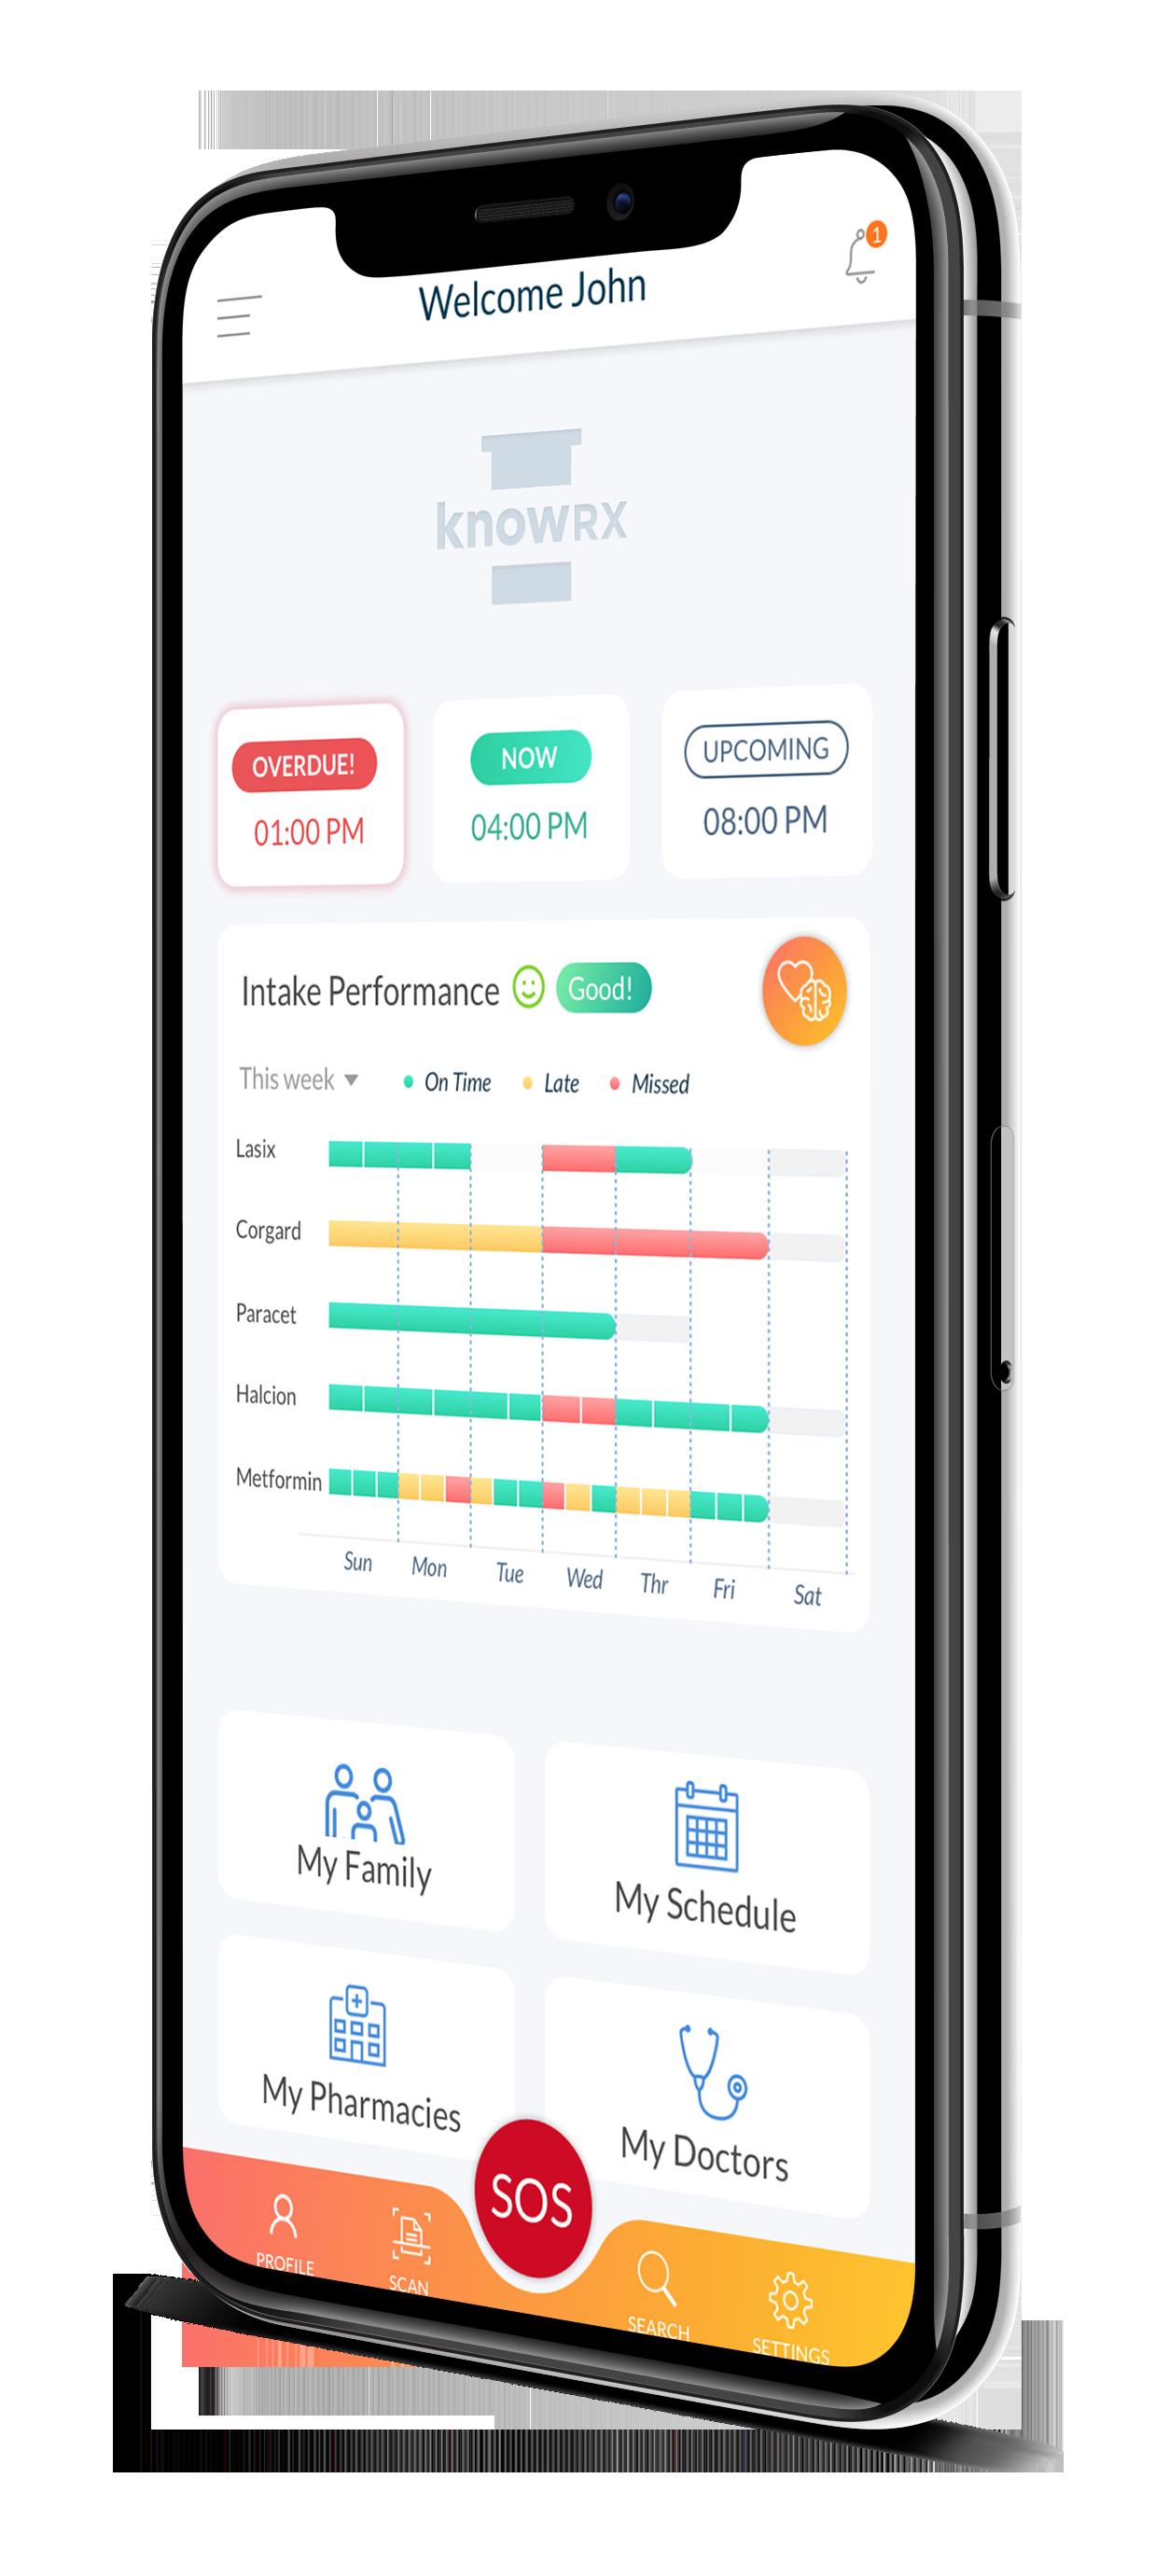 knowRX Drug management care app